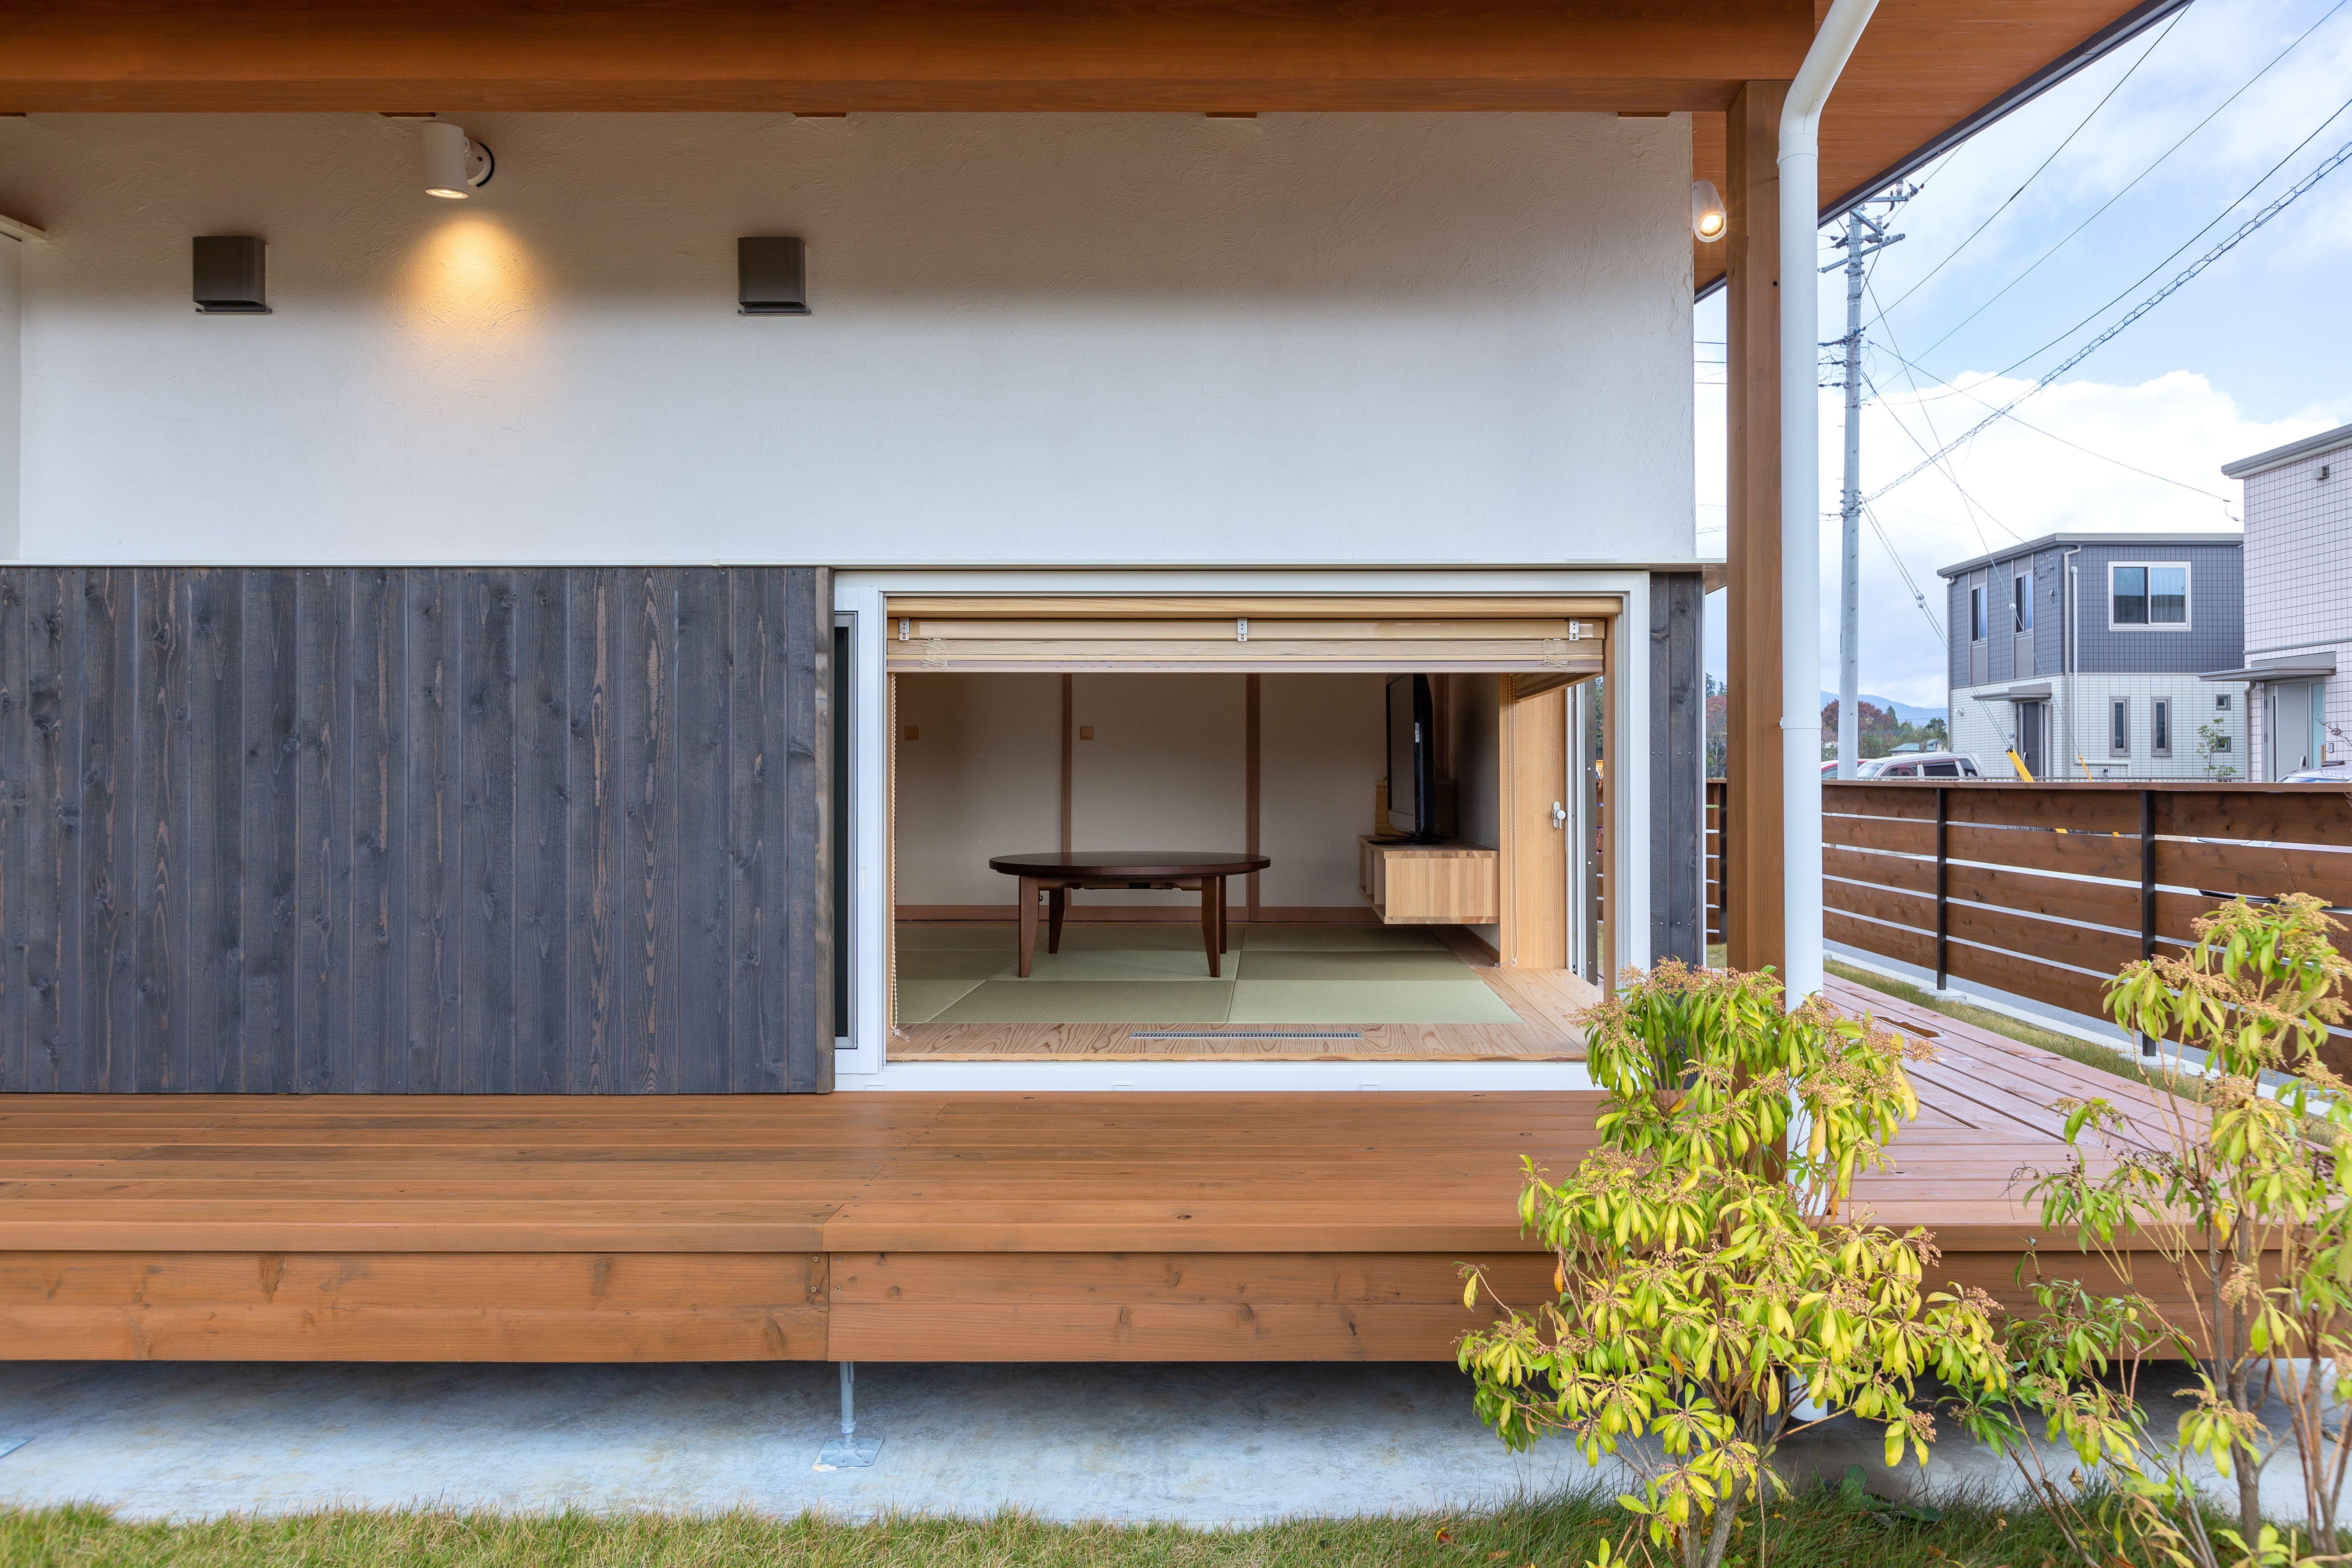 この家のシンボルの縁側は 和室の地窓とl型に繋がっている 家